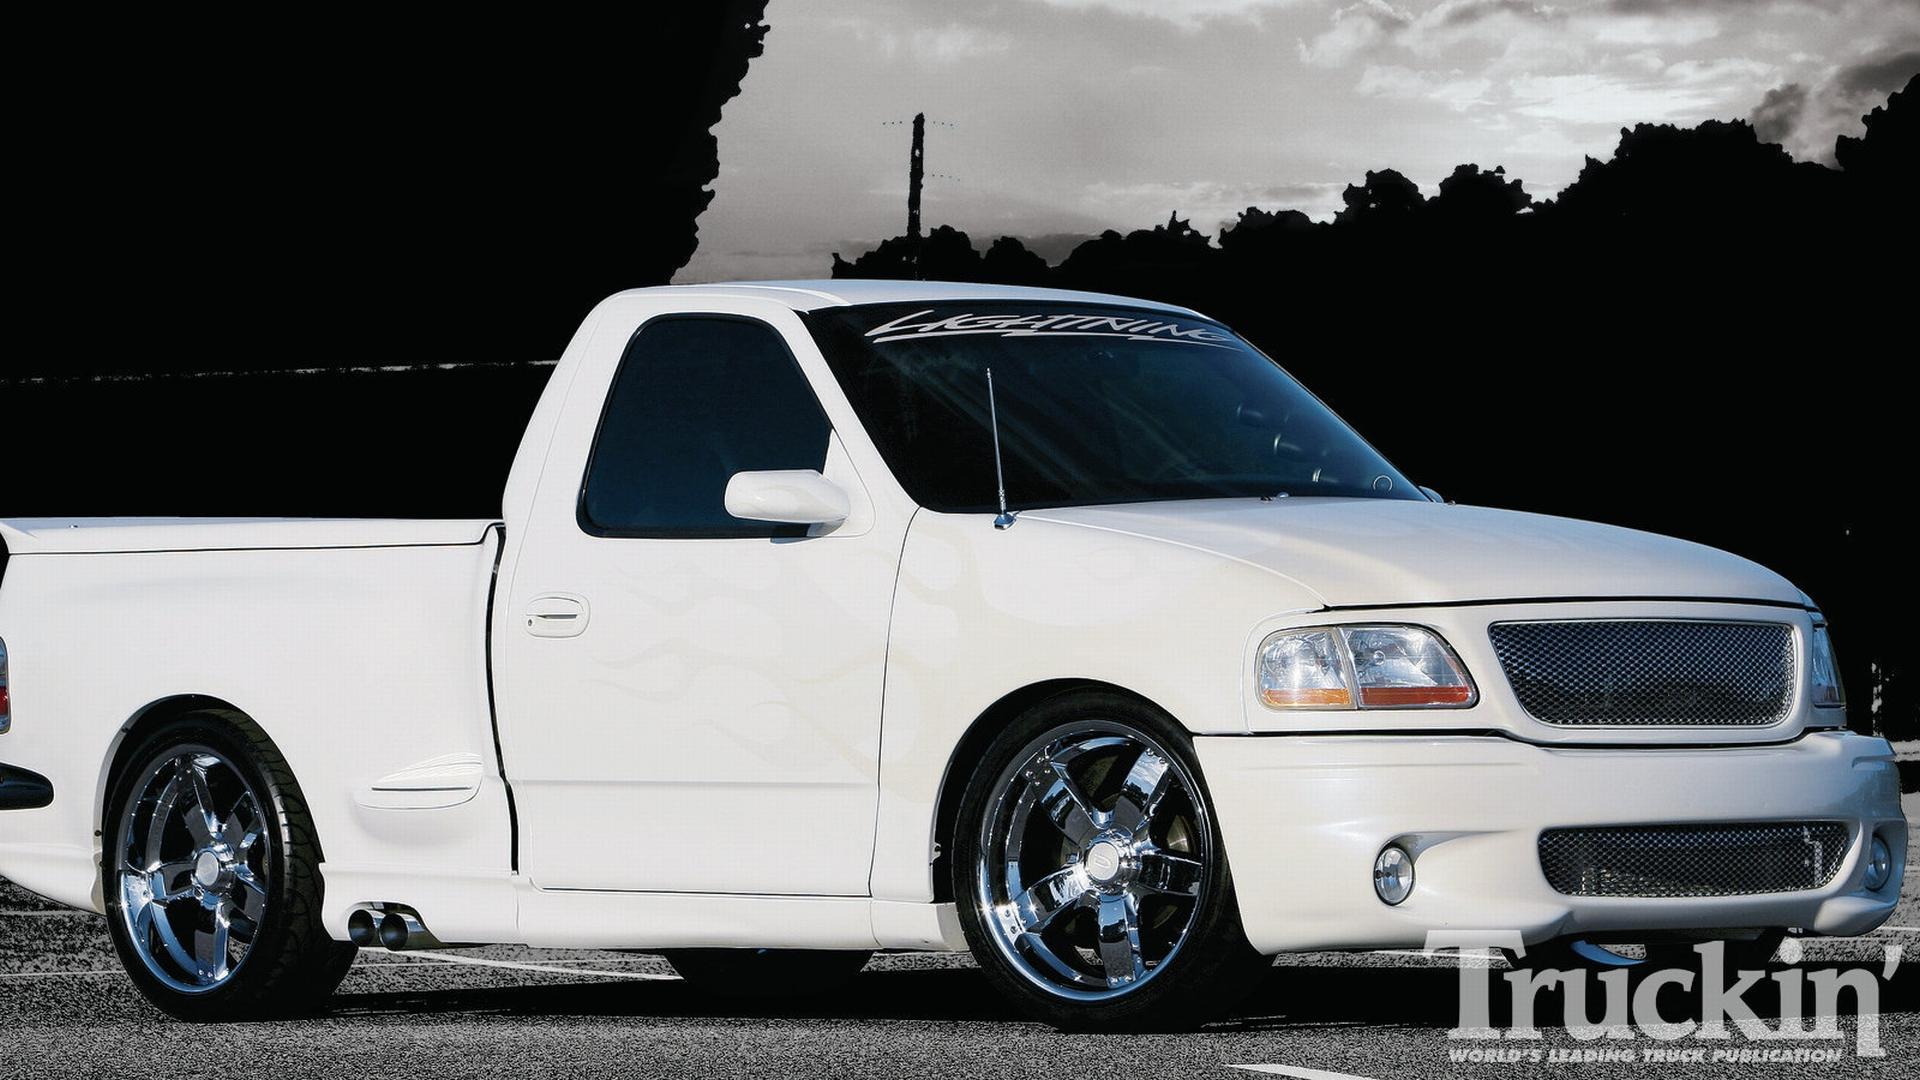 Ford SVT F Lightning muscle pickup d wallpaper × Ford